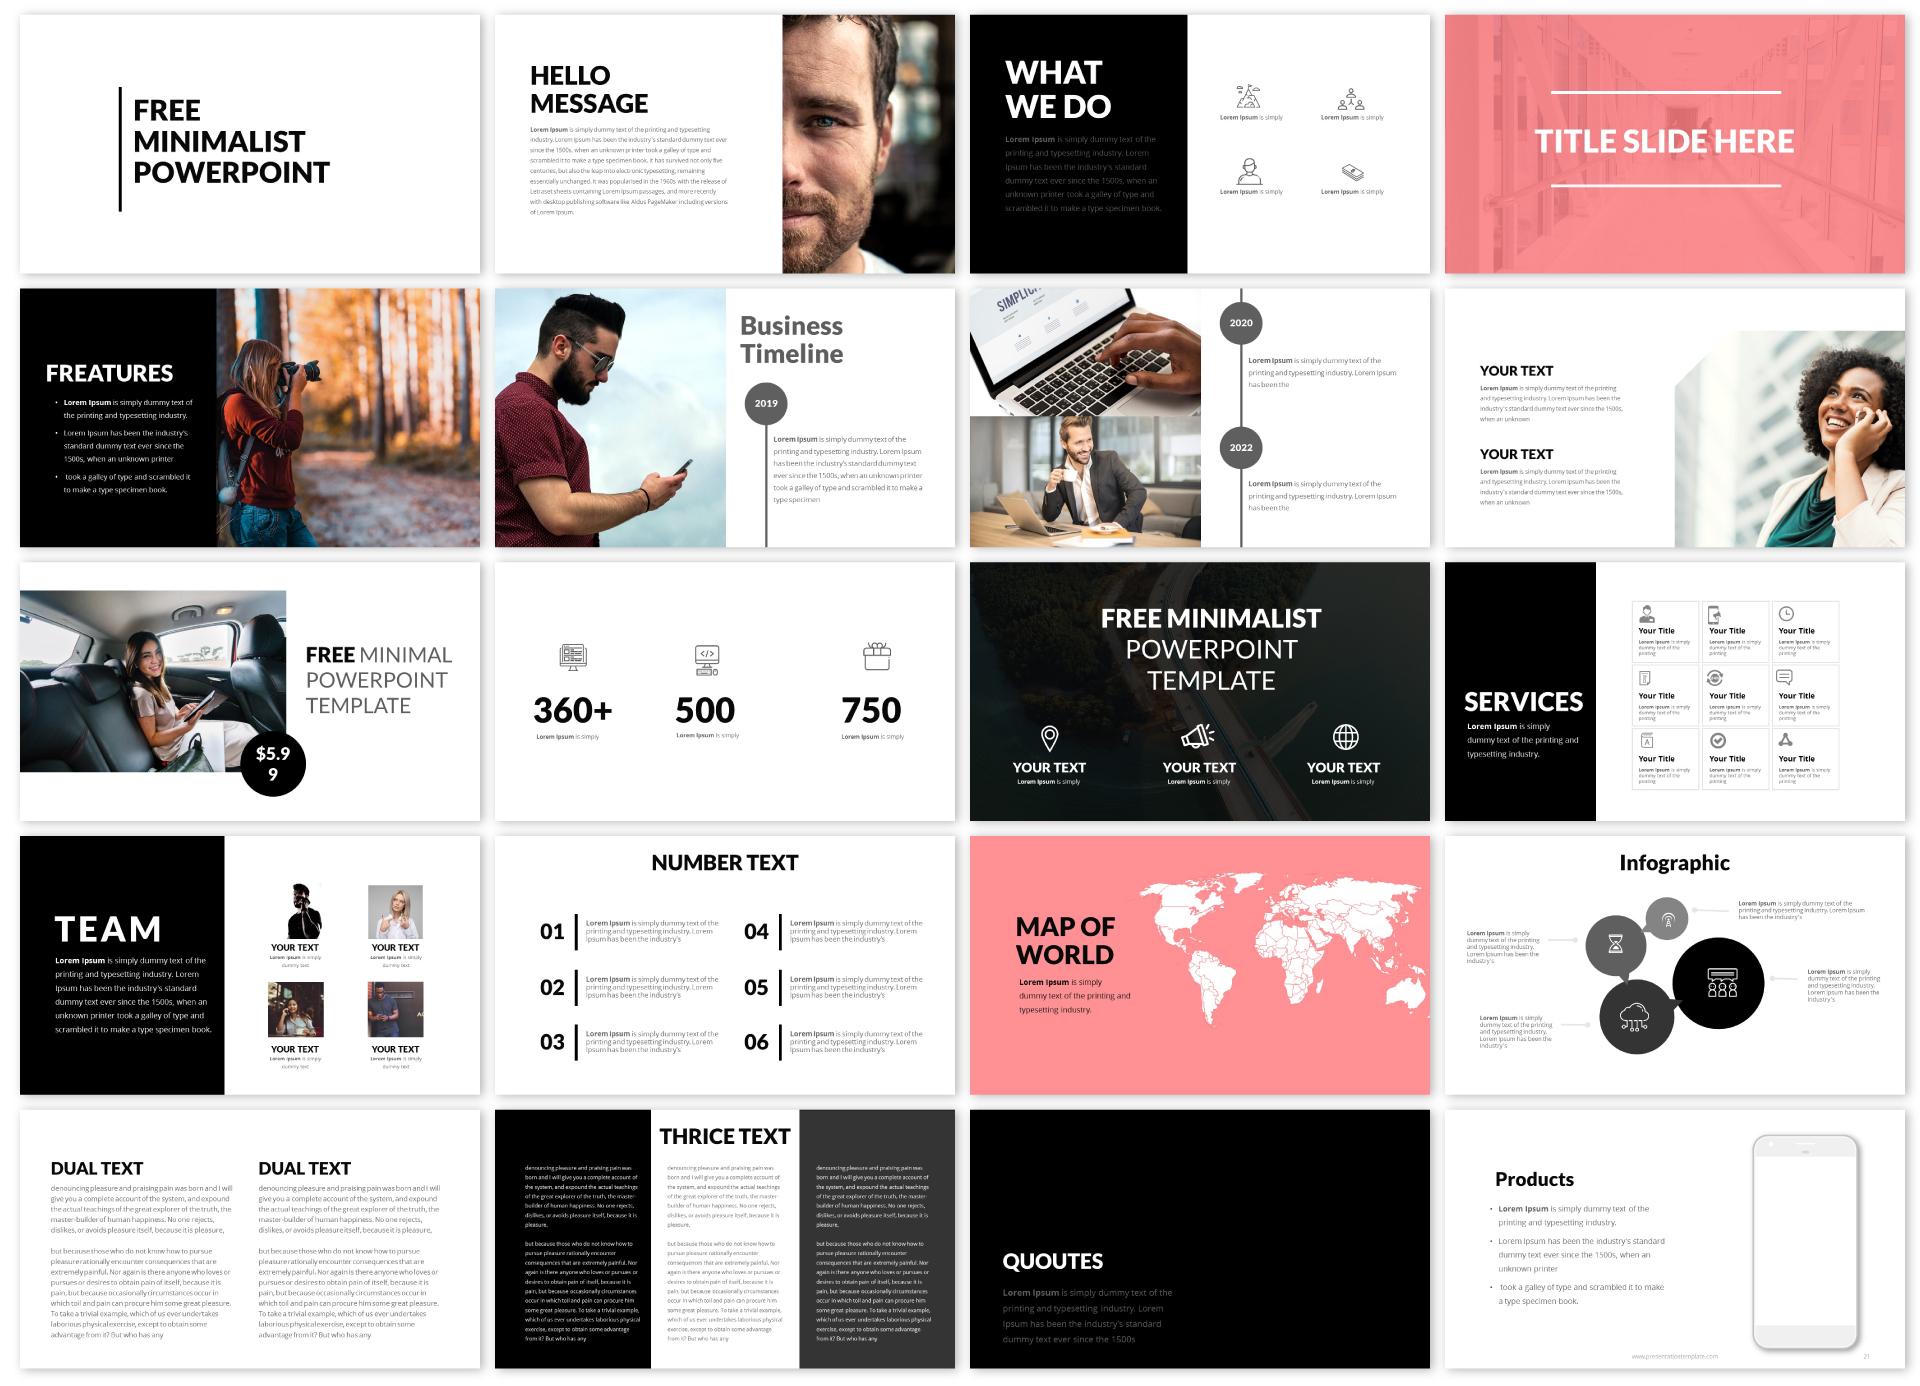 Free Minimalist Powerpoint Template And Minimalist Google Slides